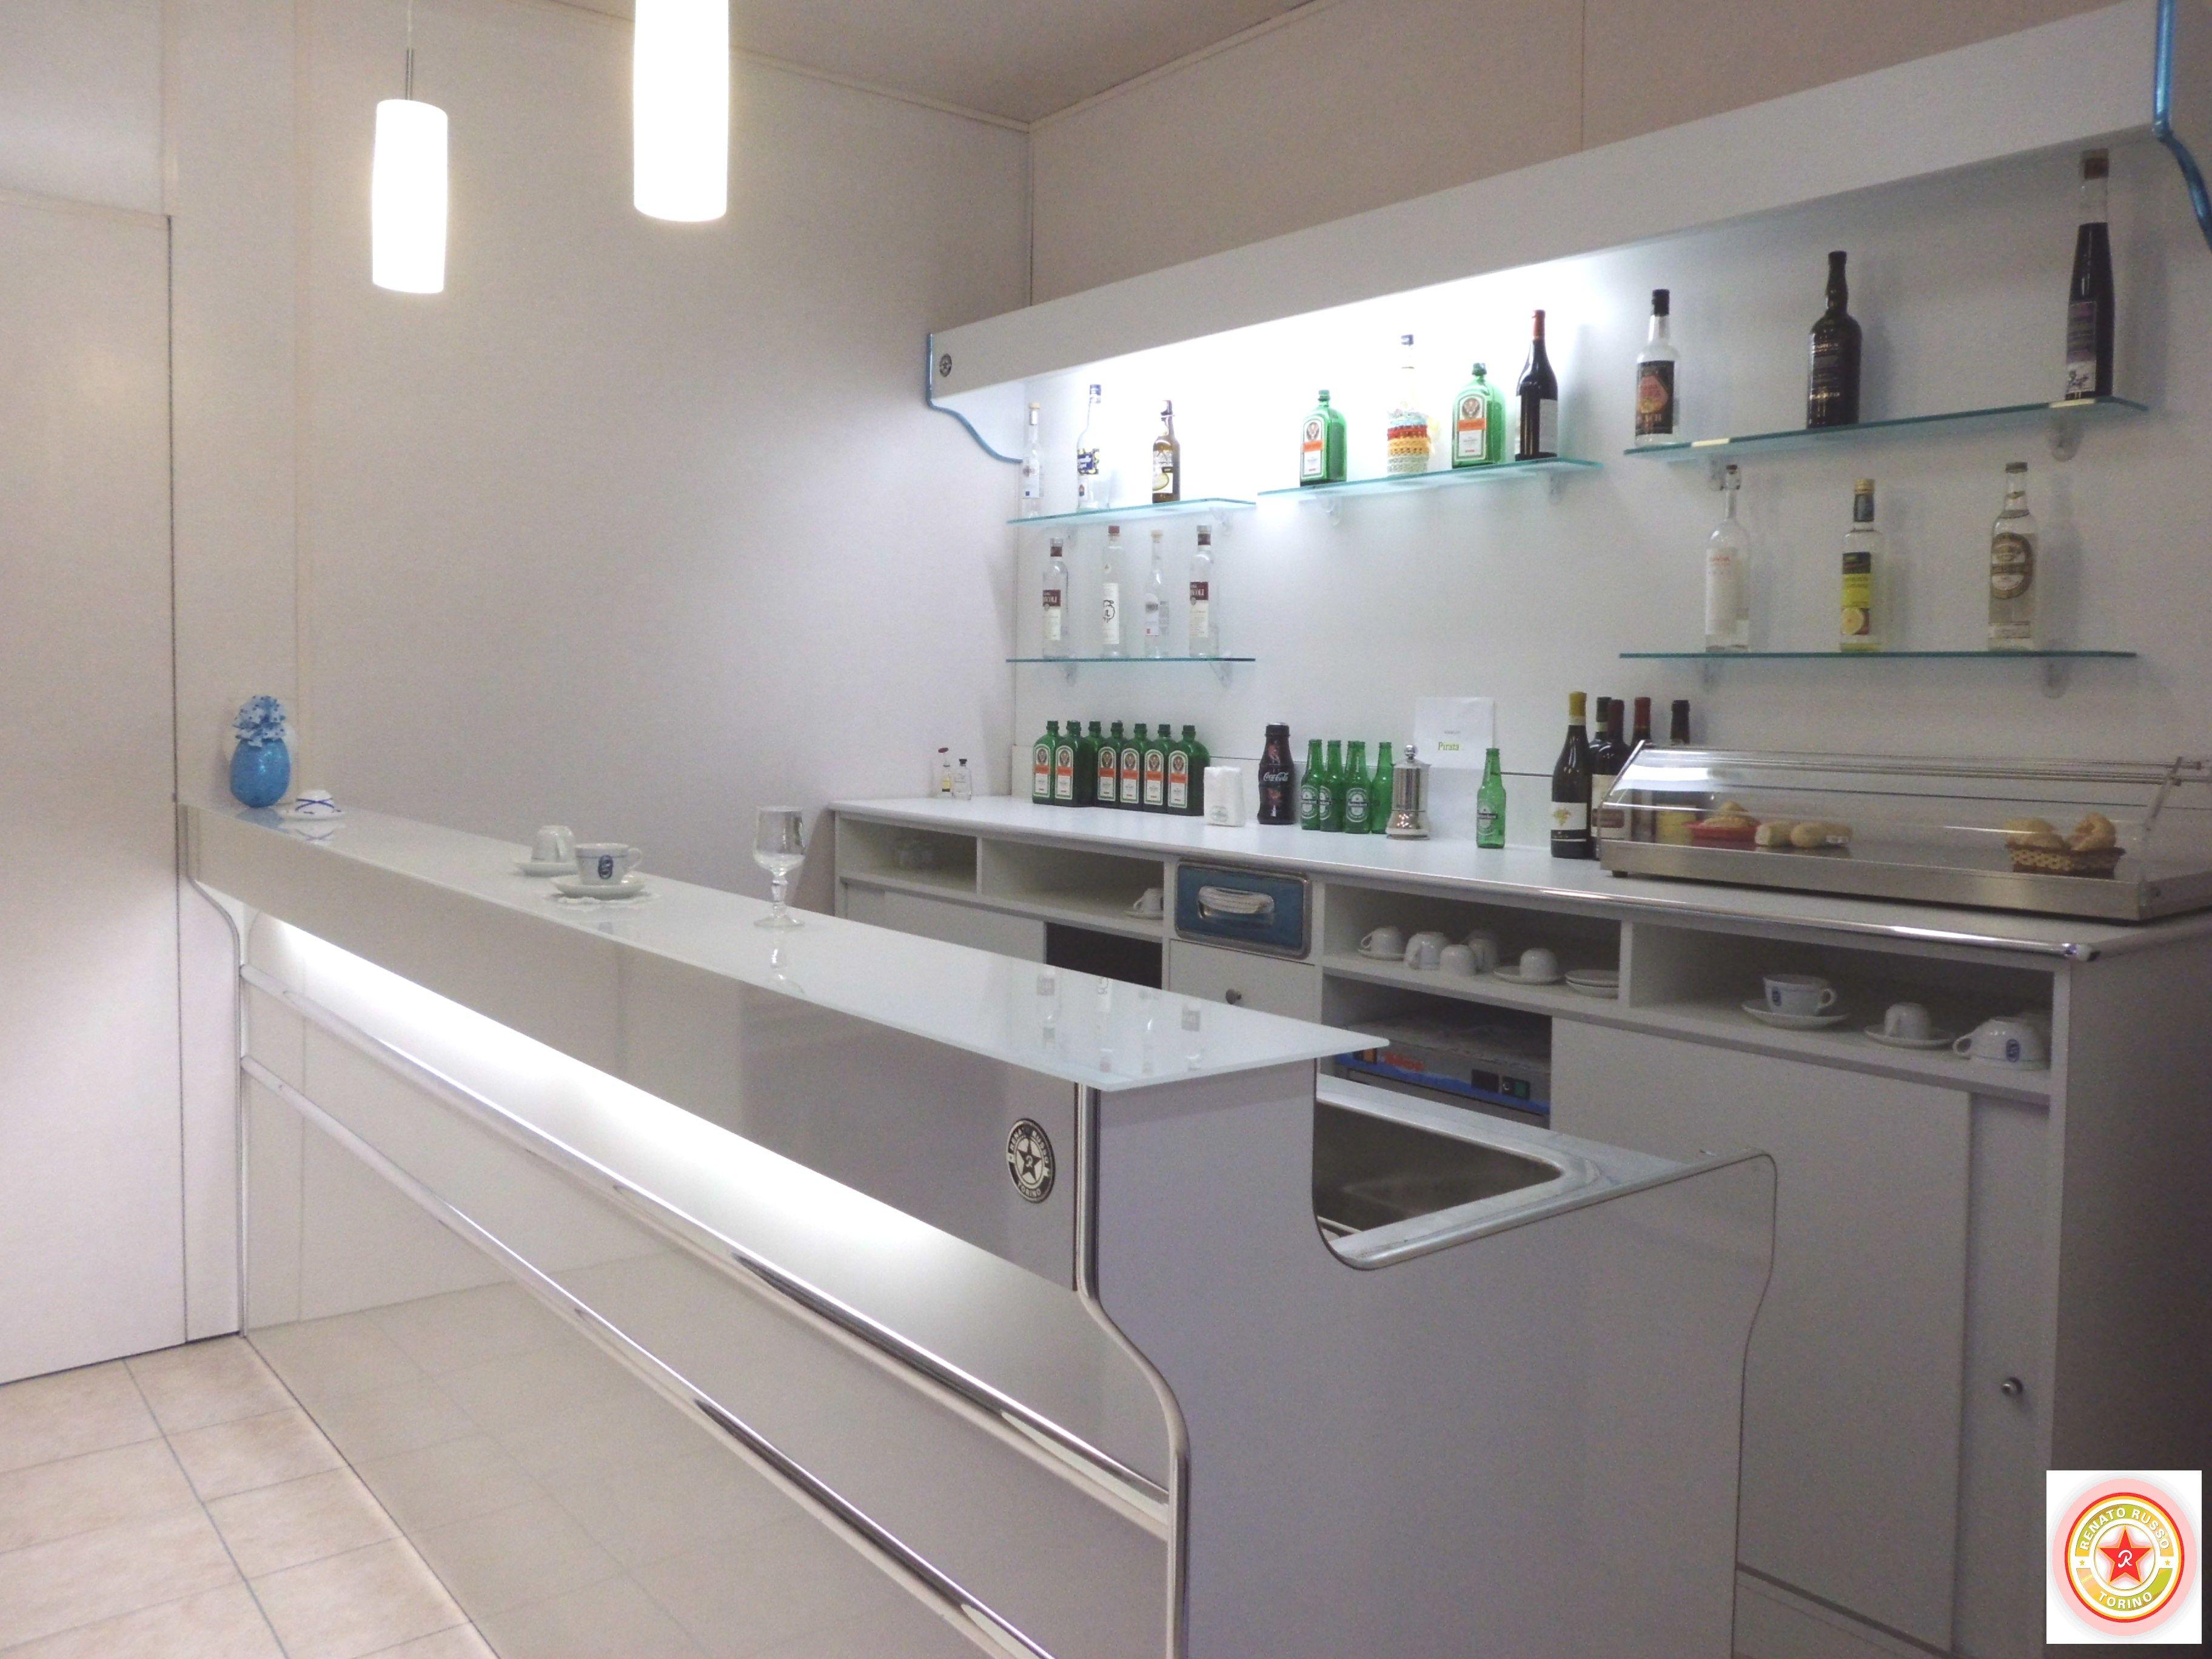 Disegno bancone bar cerca con google bancone for Banchi bar e arredamenti completi